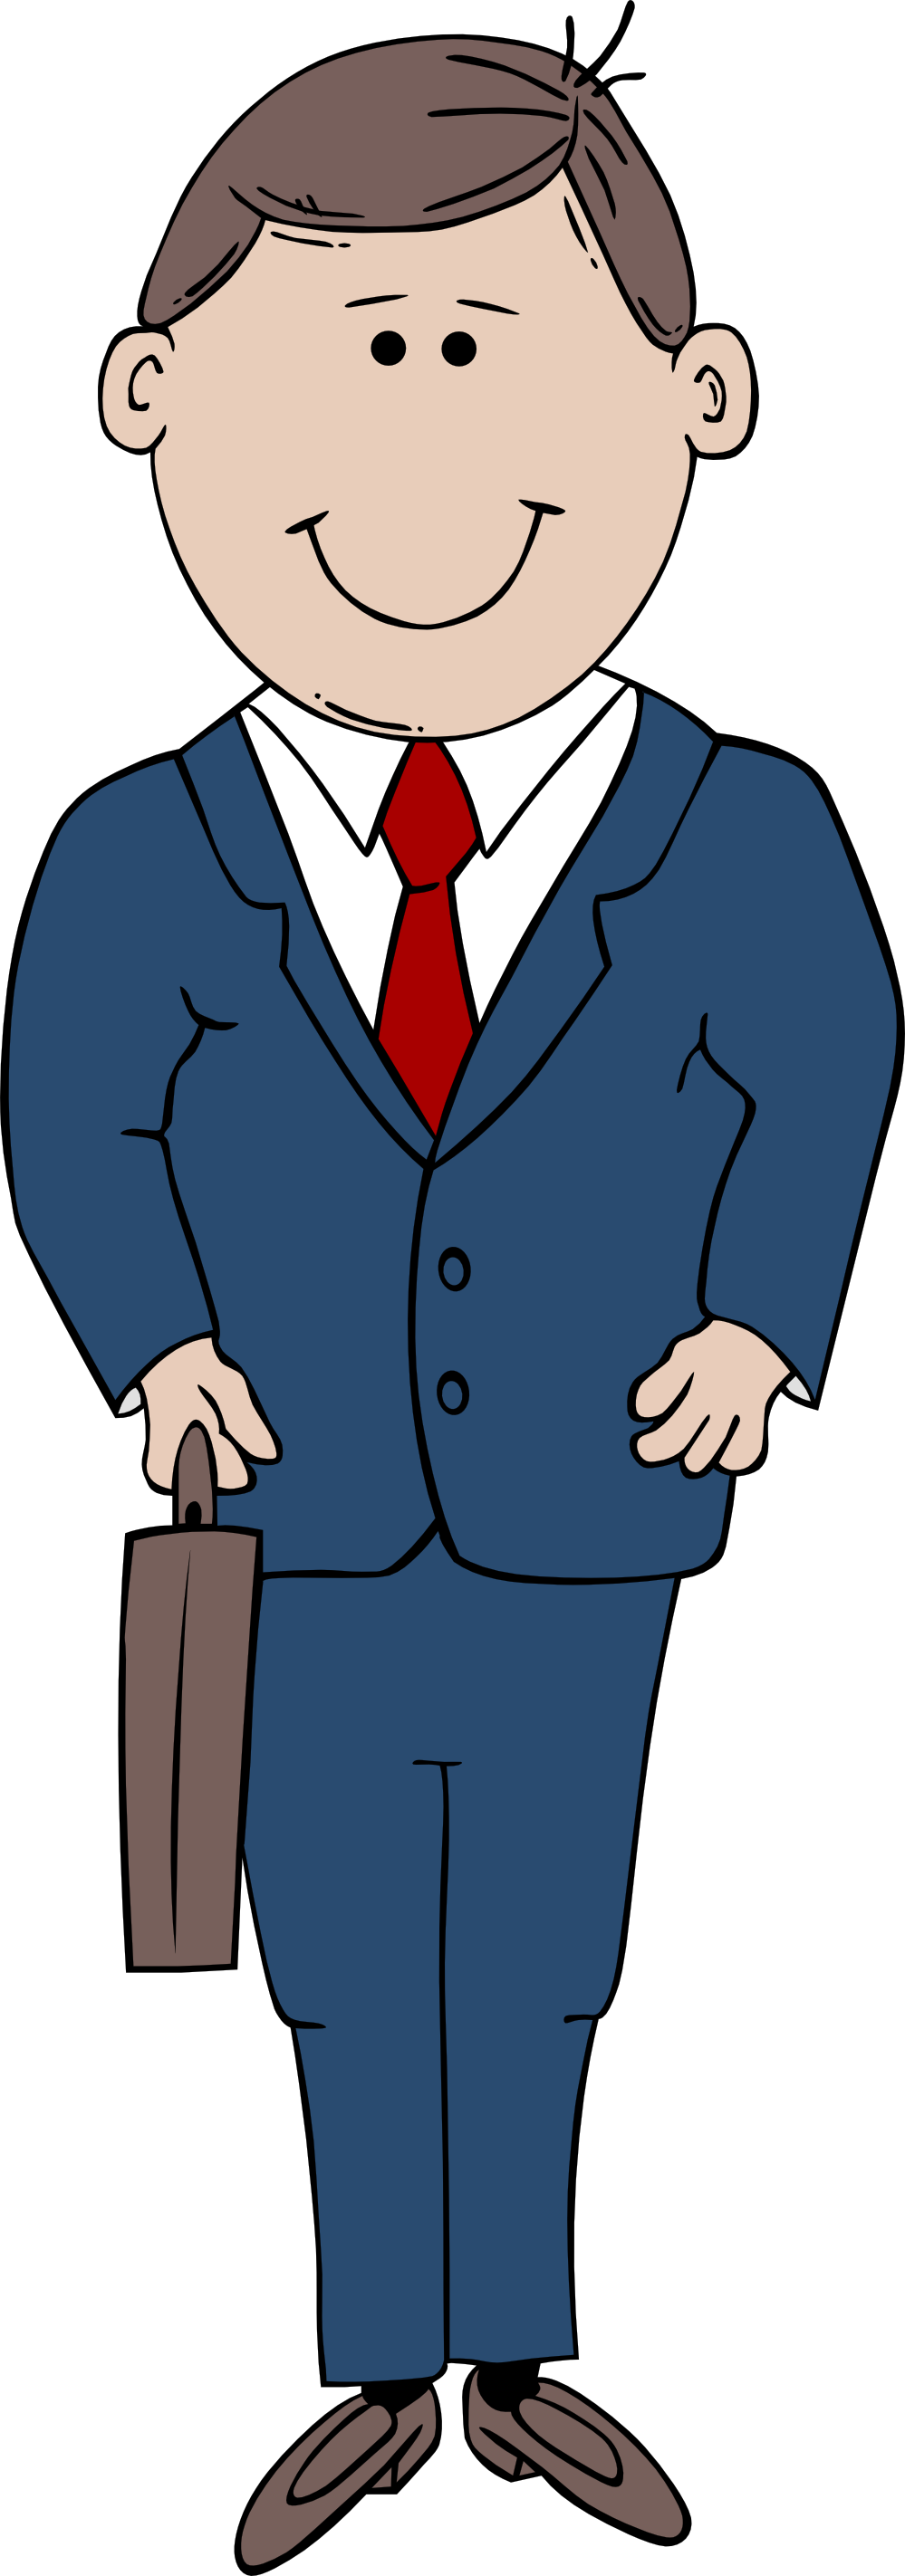 Suit clipart suite #6